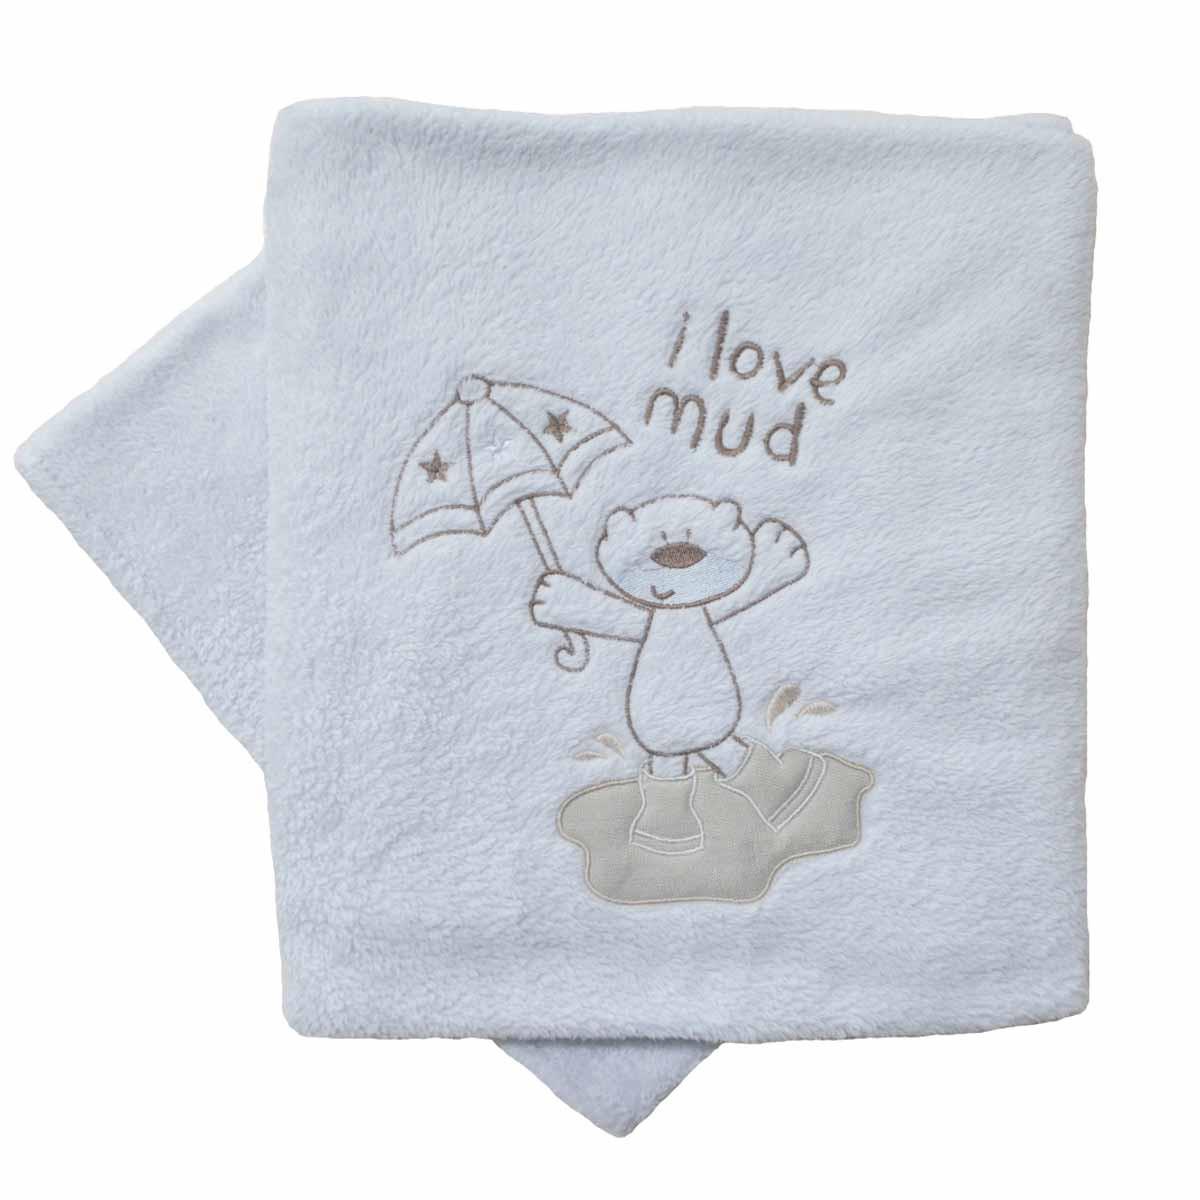 Κουβέρτα Fleece Κούνιας Κόσμος Του Μωρού 0065 Mud Γκρι